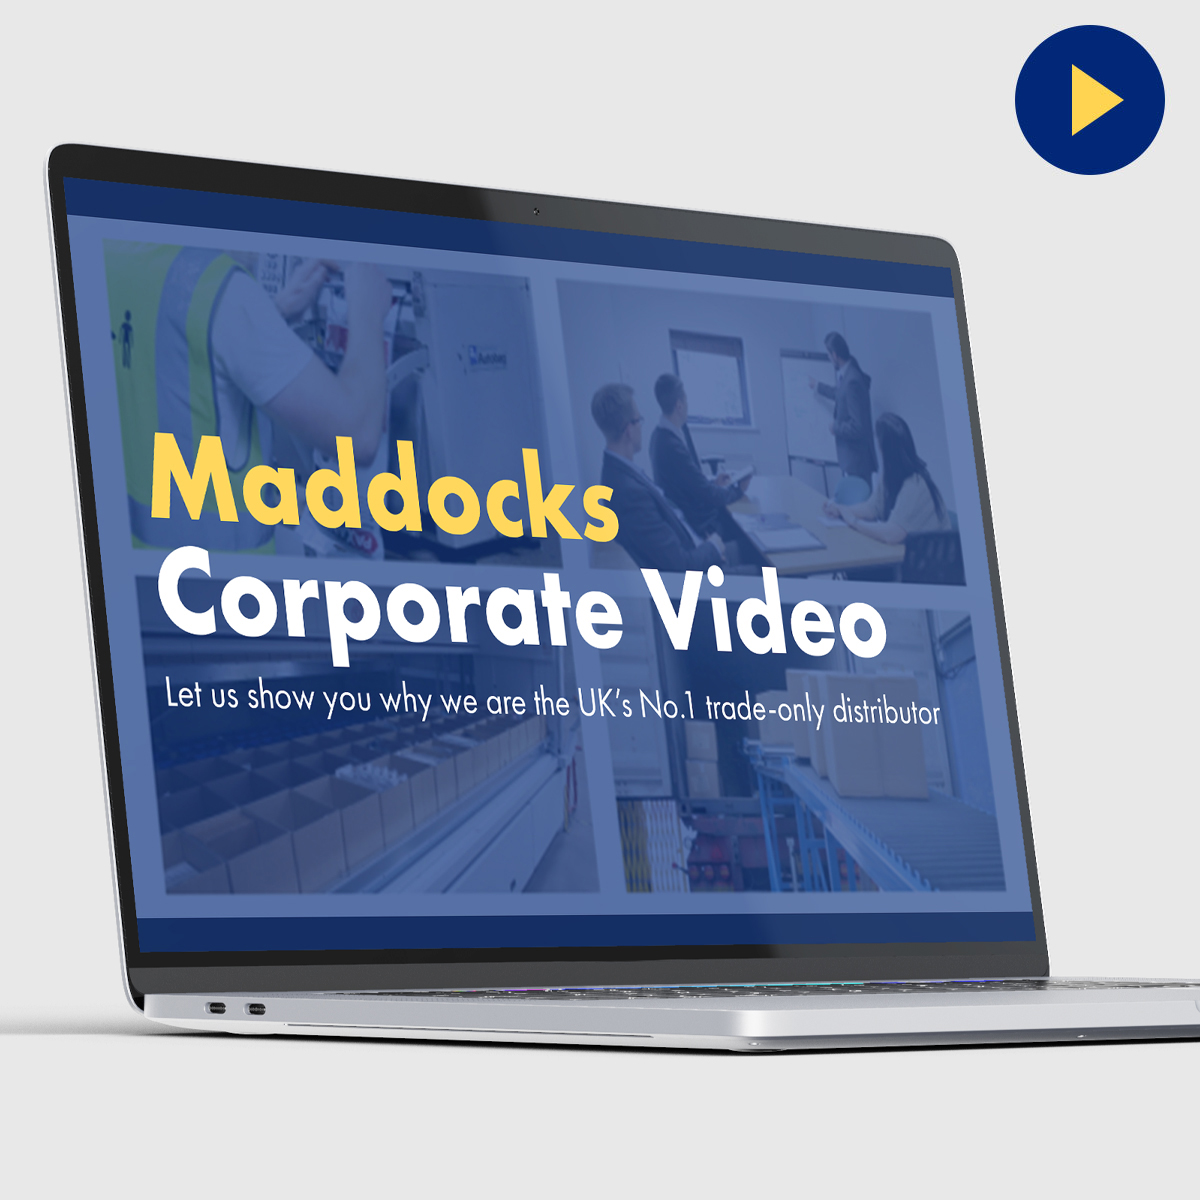 فيديو الشركة